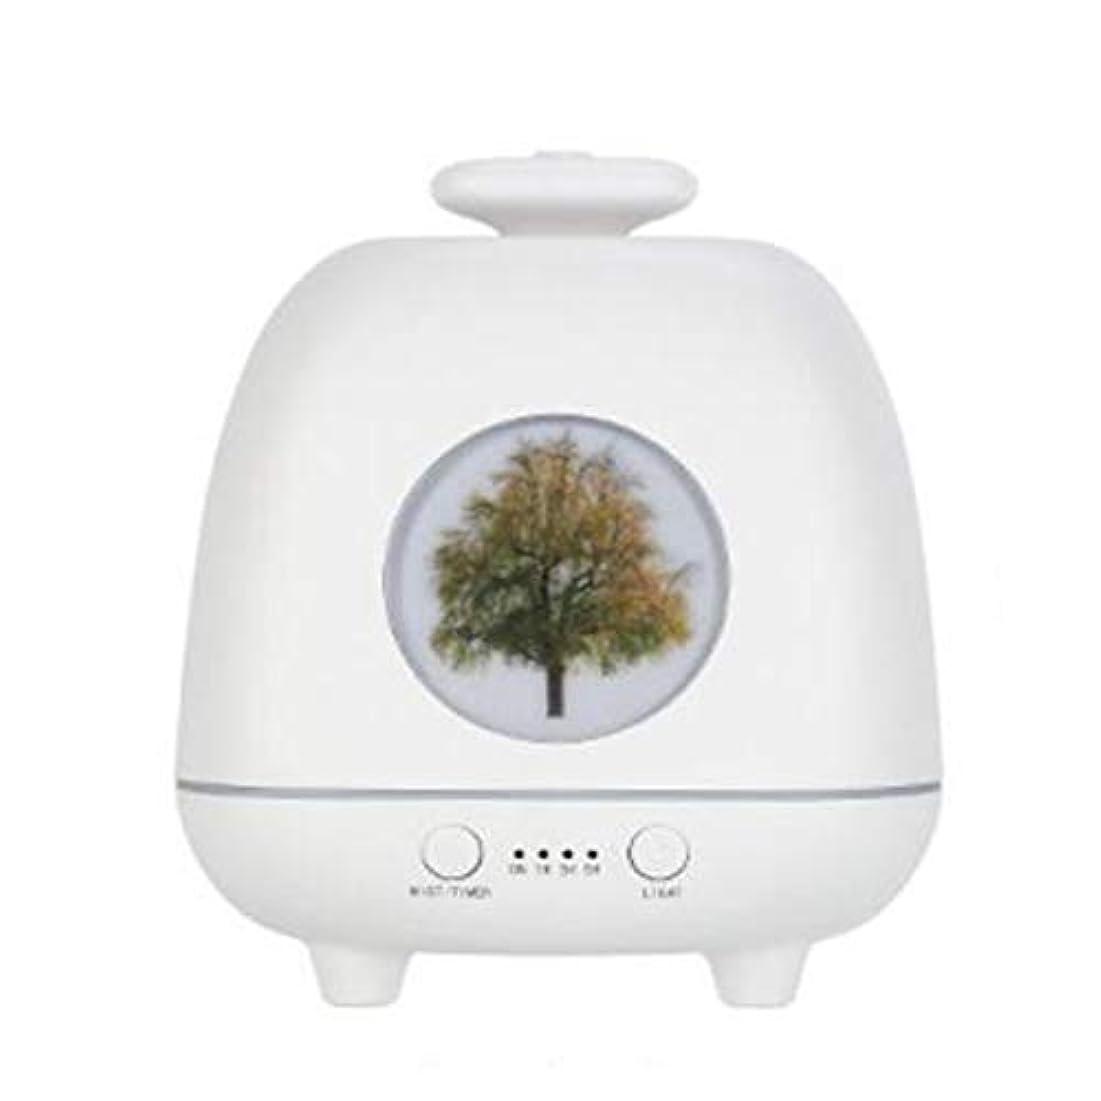 偶然の退屈レザー涼しい霧 香り 精油 ディフューザー,7 色 空気を浄化 4穴ノズル 加湿器 時間 加湿機 ホーム Yoga デスク オフィス ベッド- 230ml